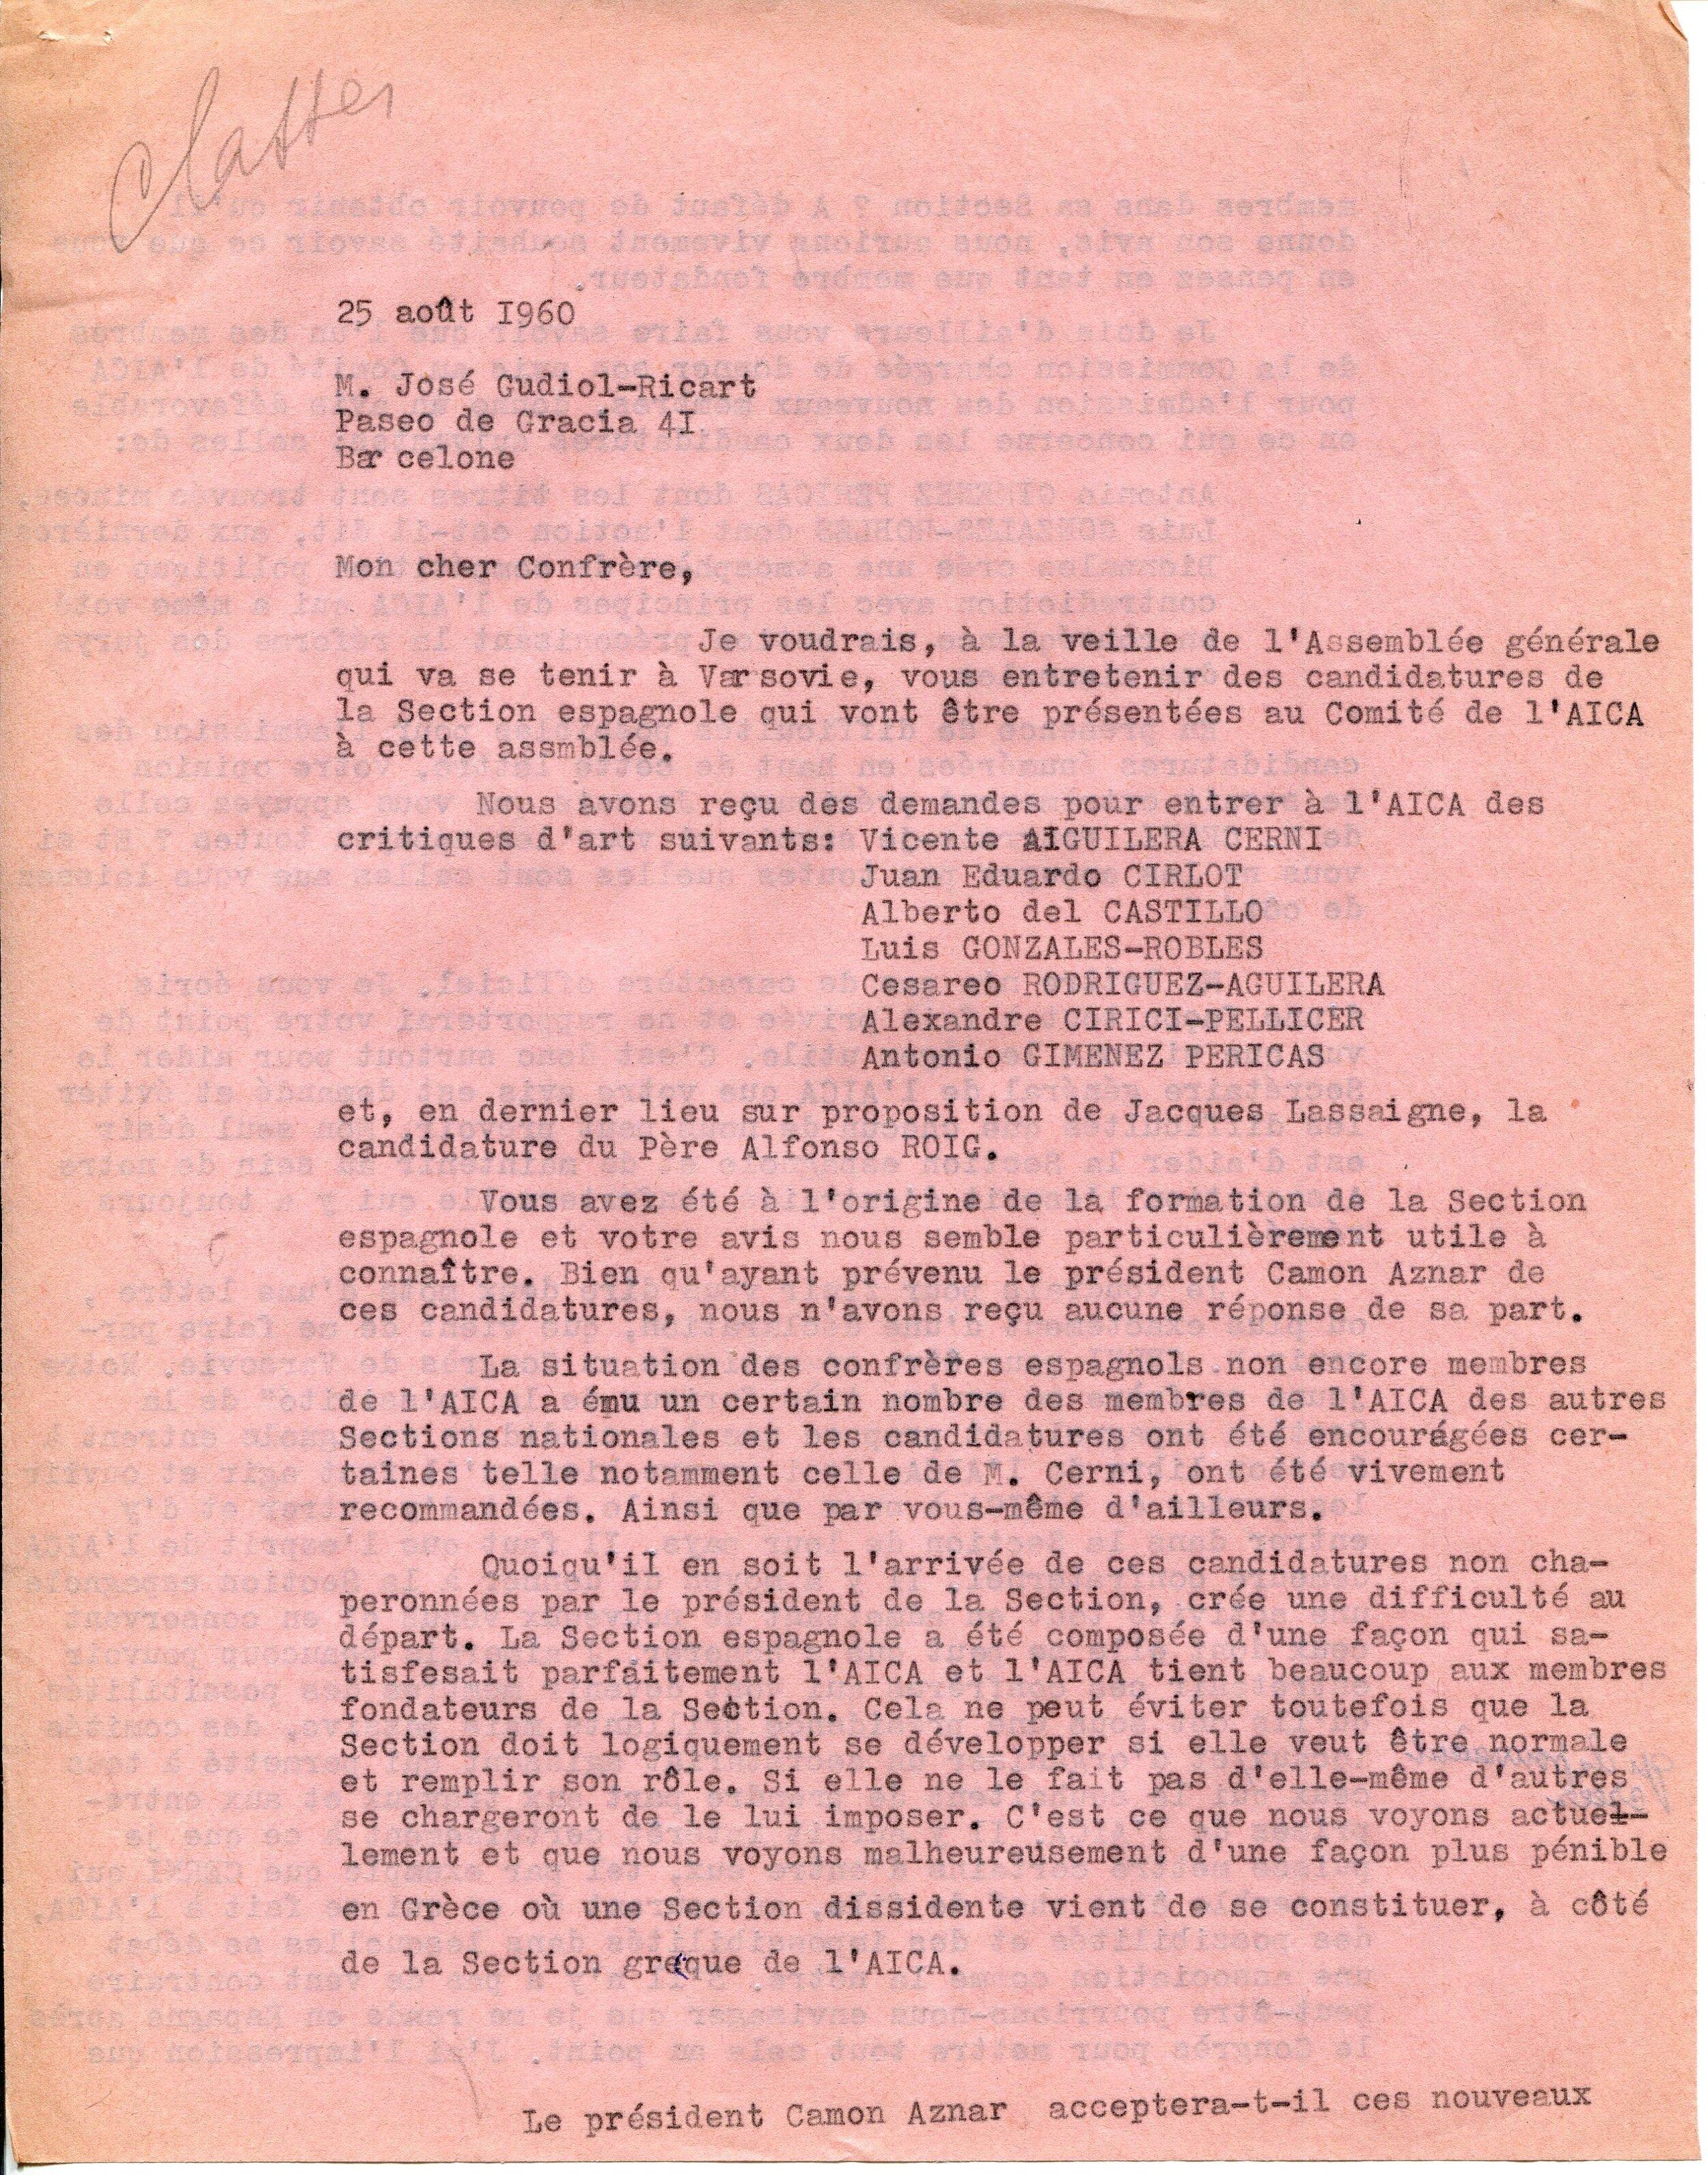 Lettre de Simone Gille-Delafon à José Gudiol-Ricart, 3 pages, 25 août 1960, fonds AICA International [FR ACA AICAI THE ADM 08/32], collection INHA – Archives de la critique d'art. D.R.